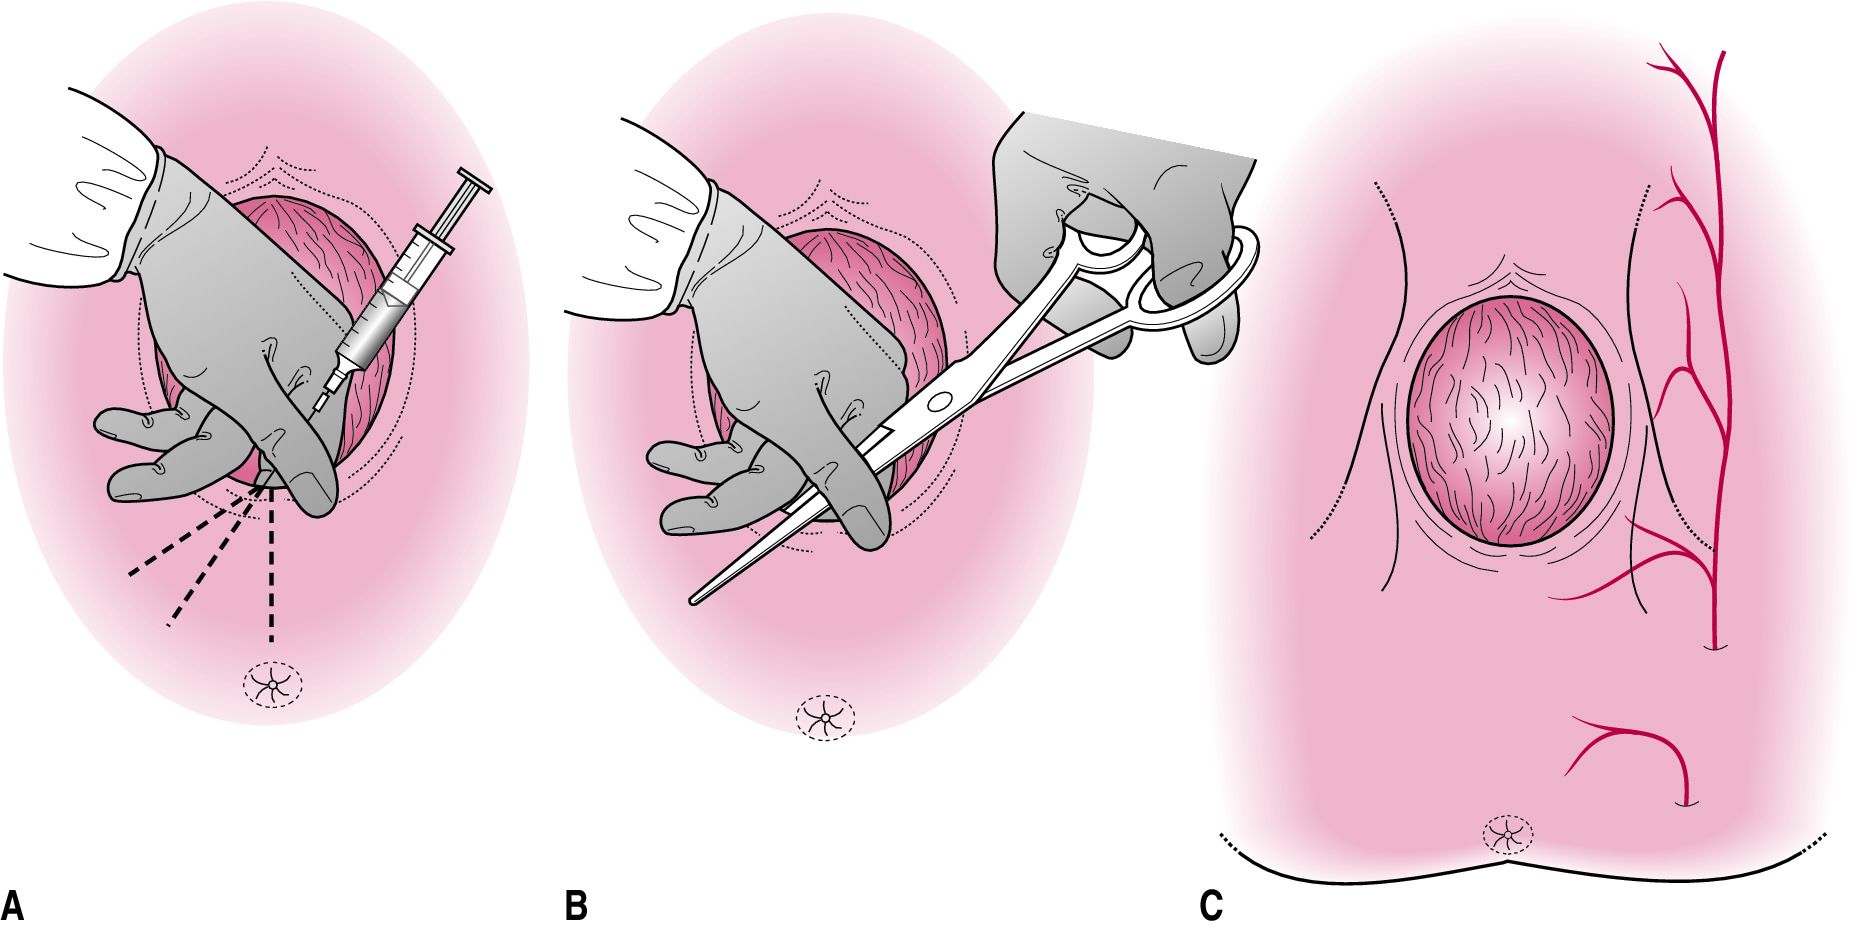 Эпизиотомия (14 фото): что это при родах? до и результат после разреза промежности, особенности надреза и как он называется